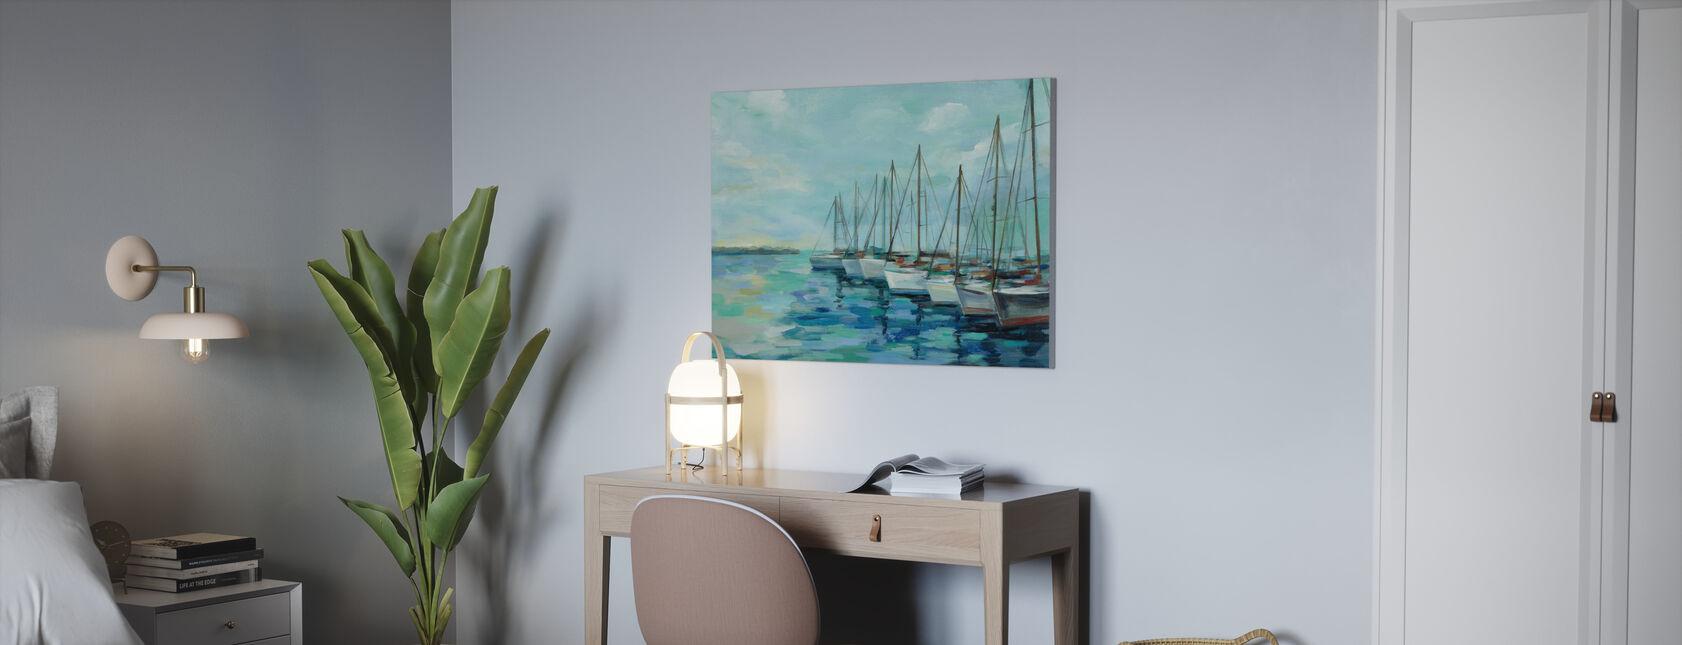 Vågbrytare och båtar - Canvastavla - Kontor